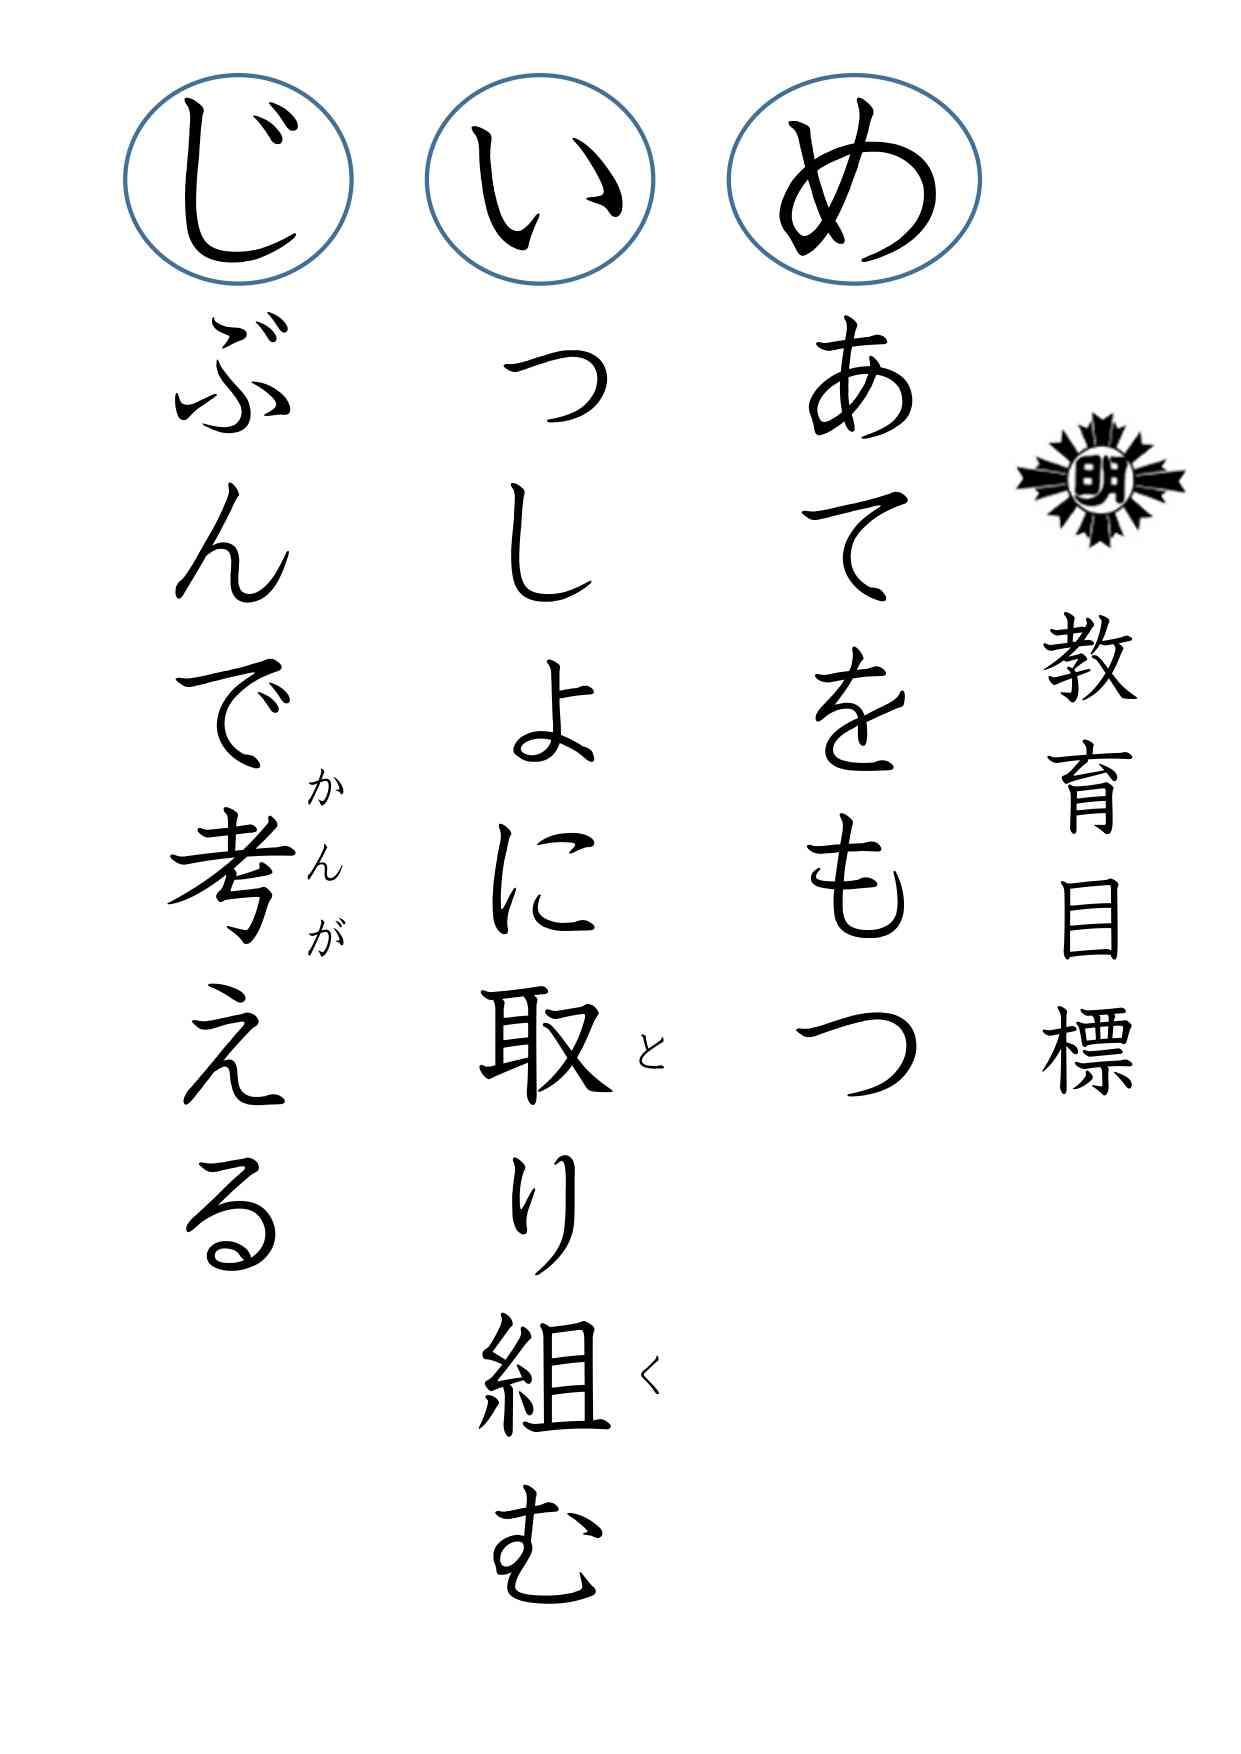 教育目標(掲示)_page-0001.jpg